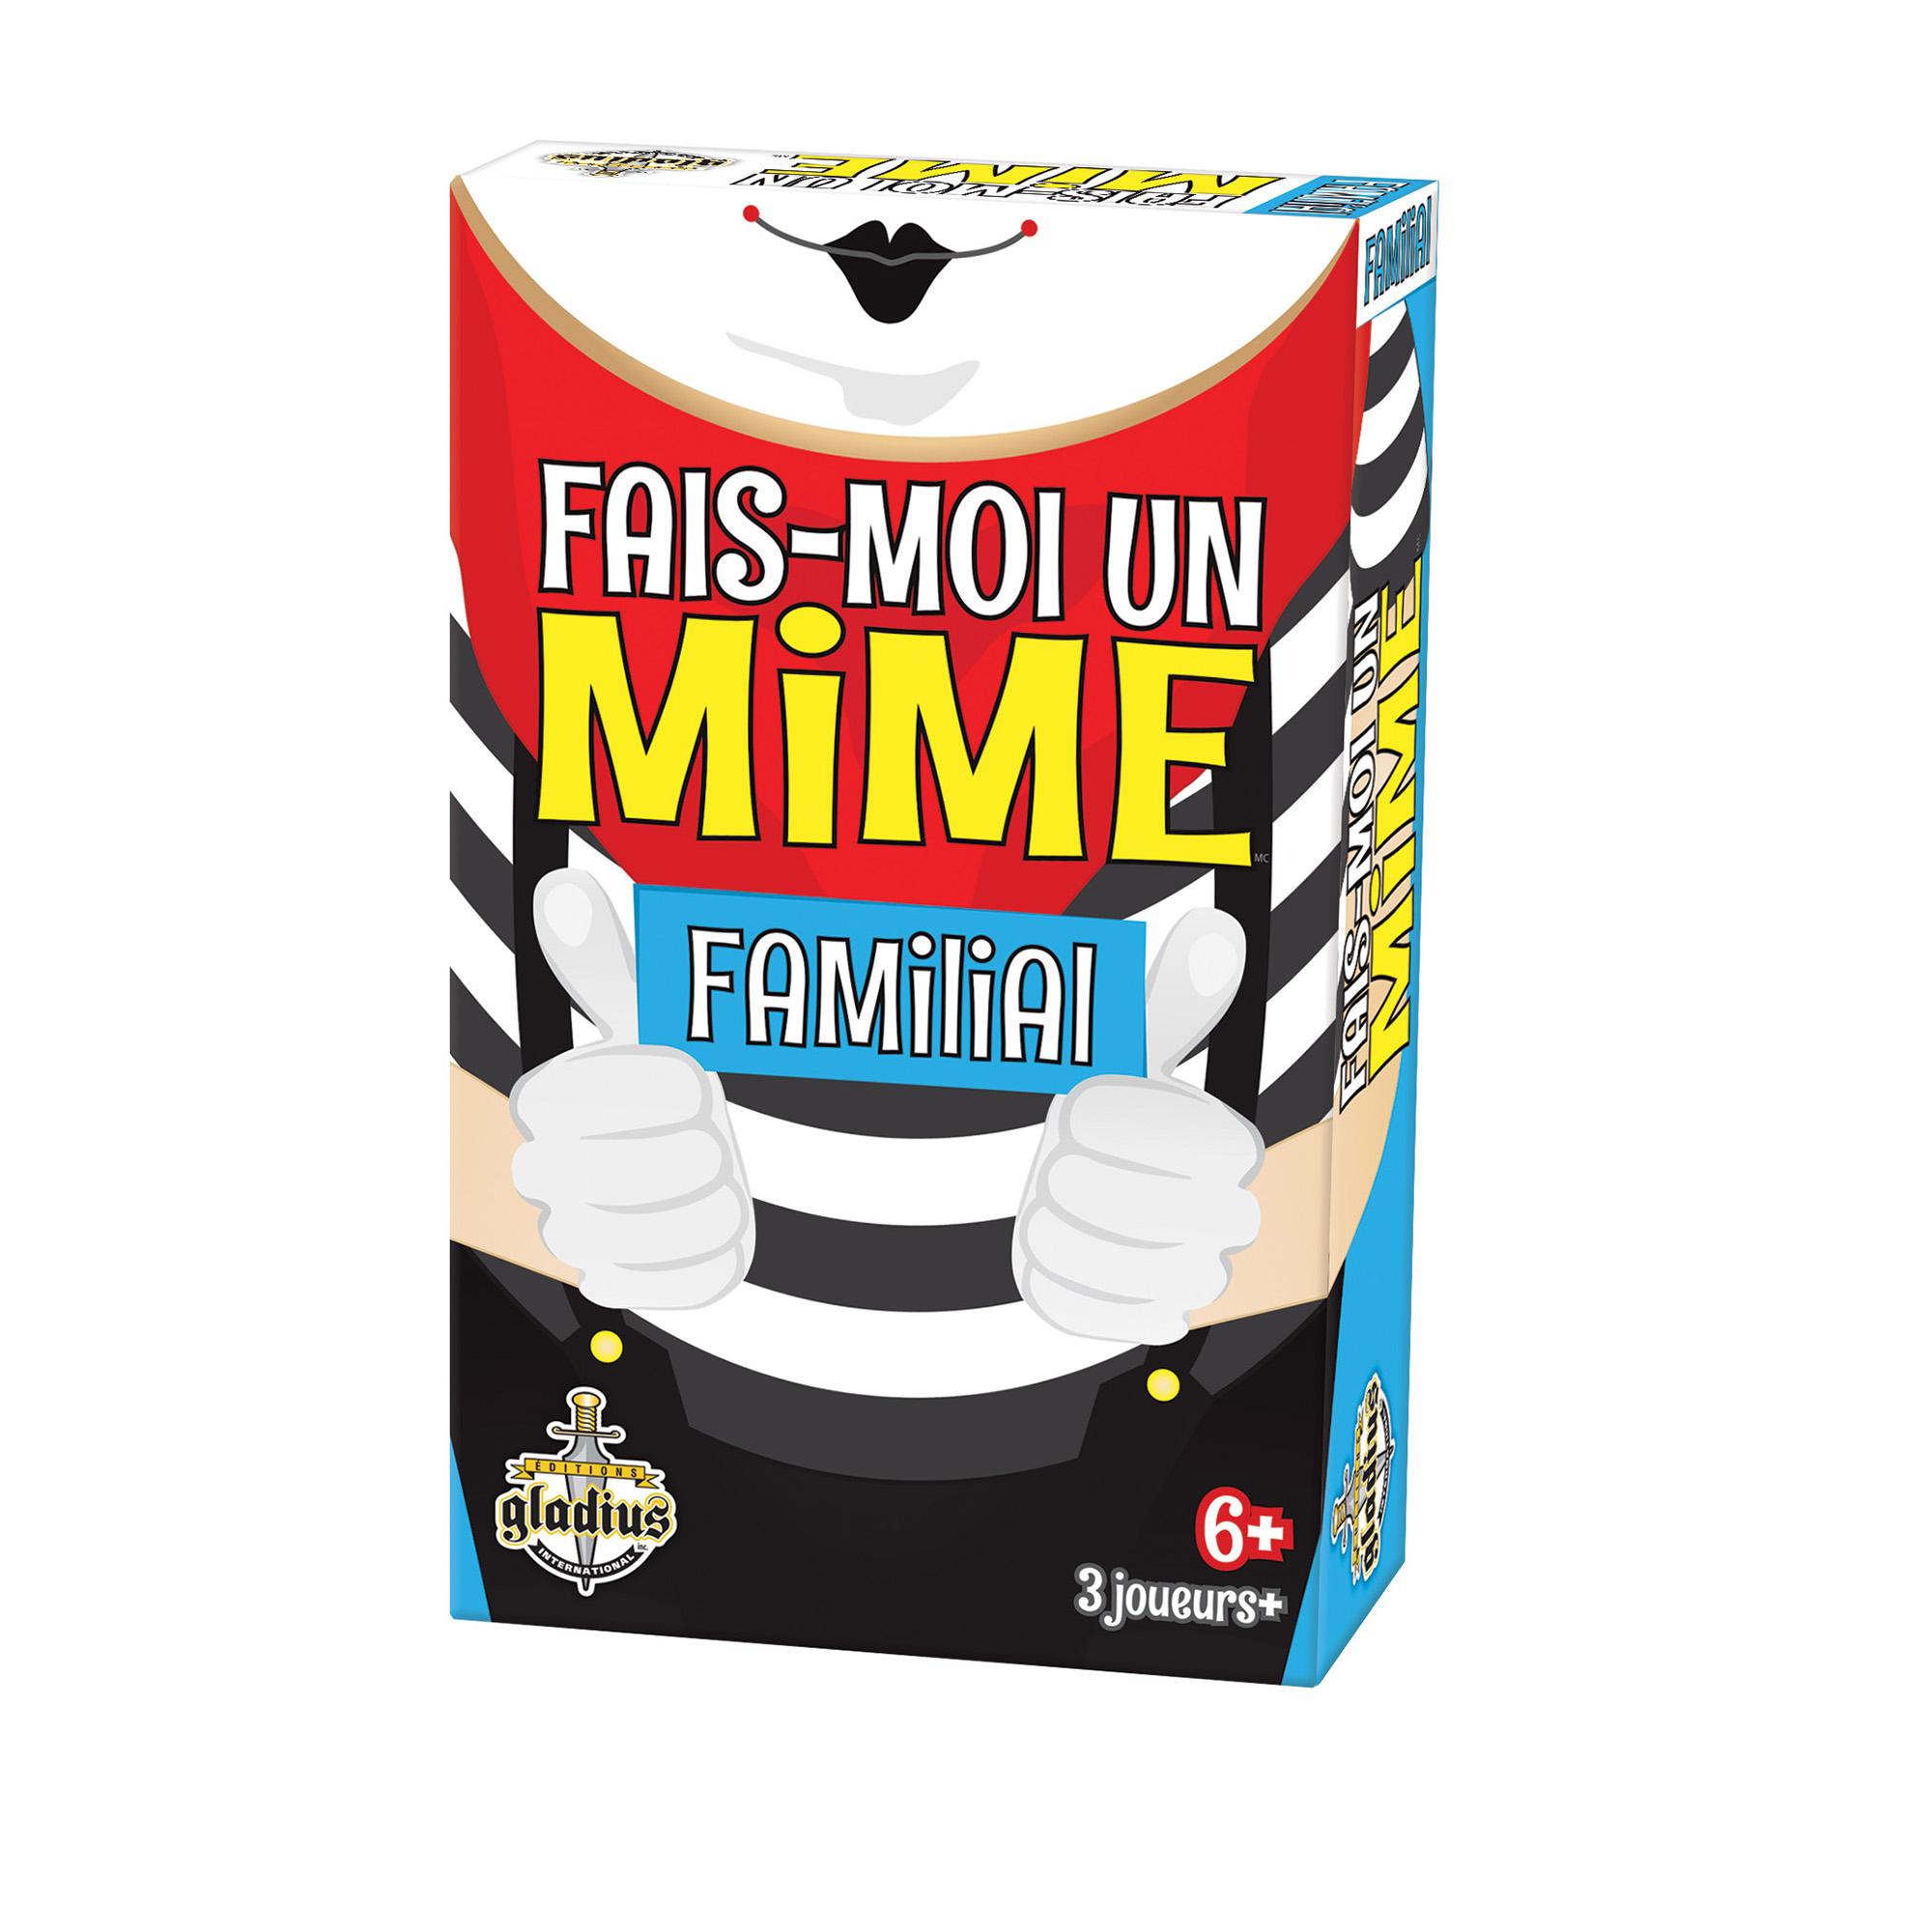 Jeu Fais-moi un mime - Familial Version française